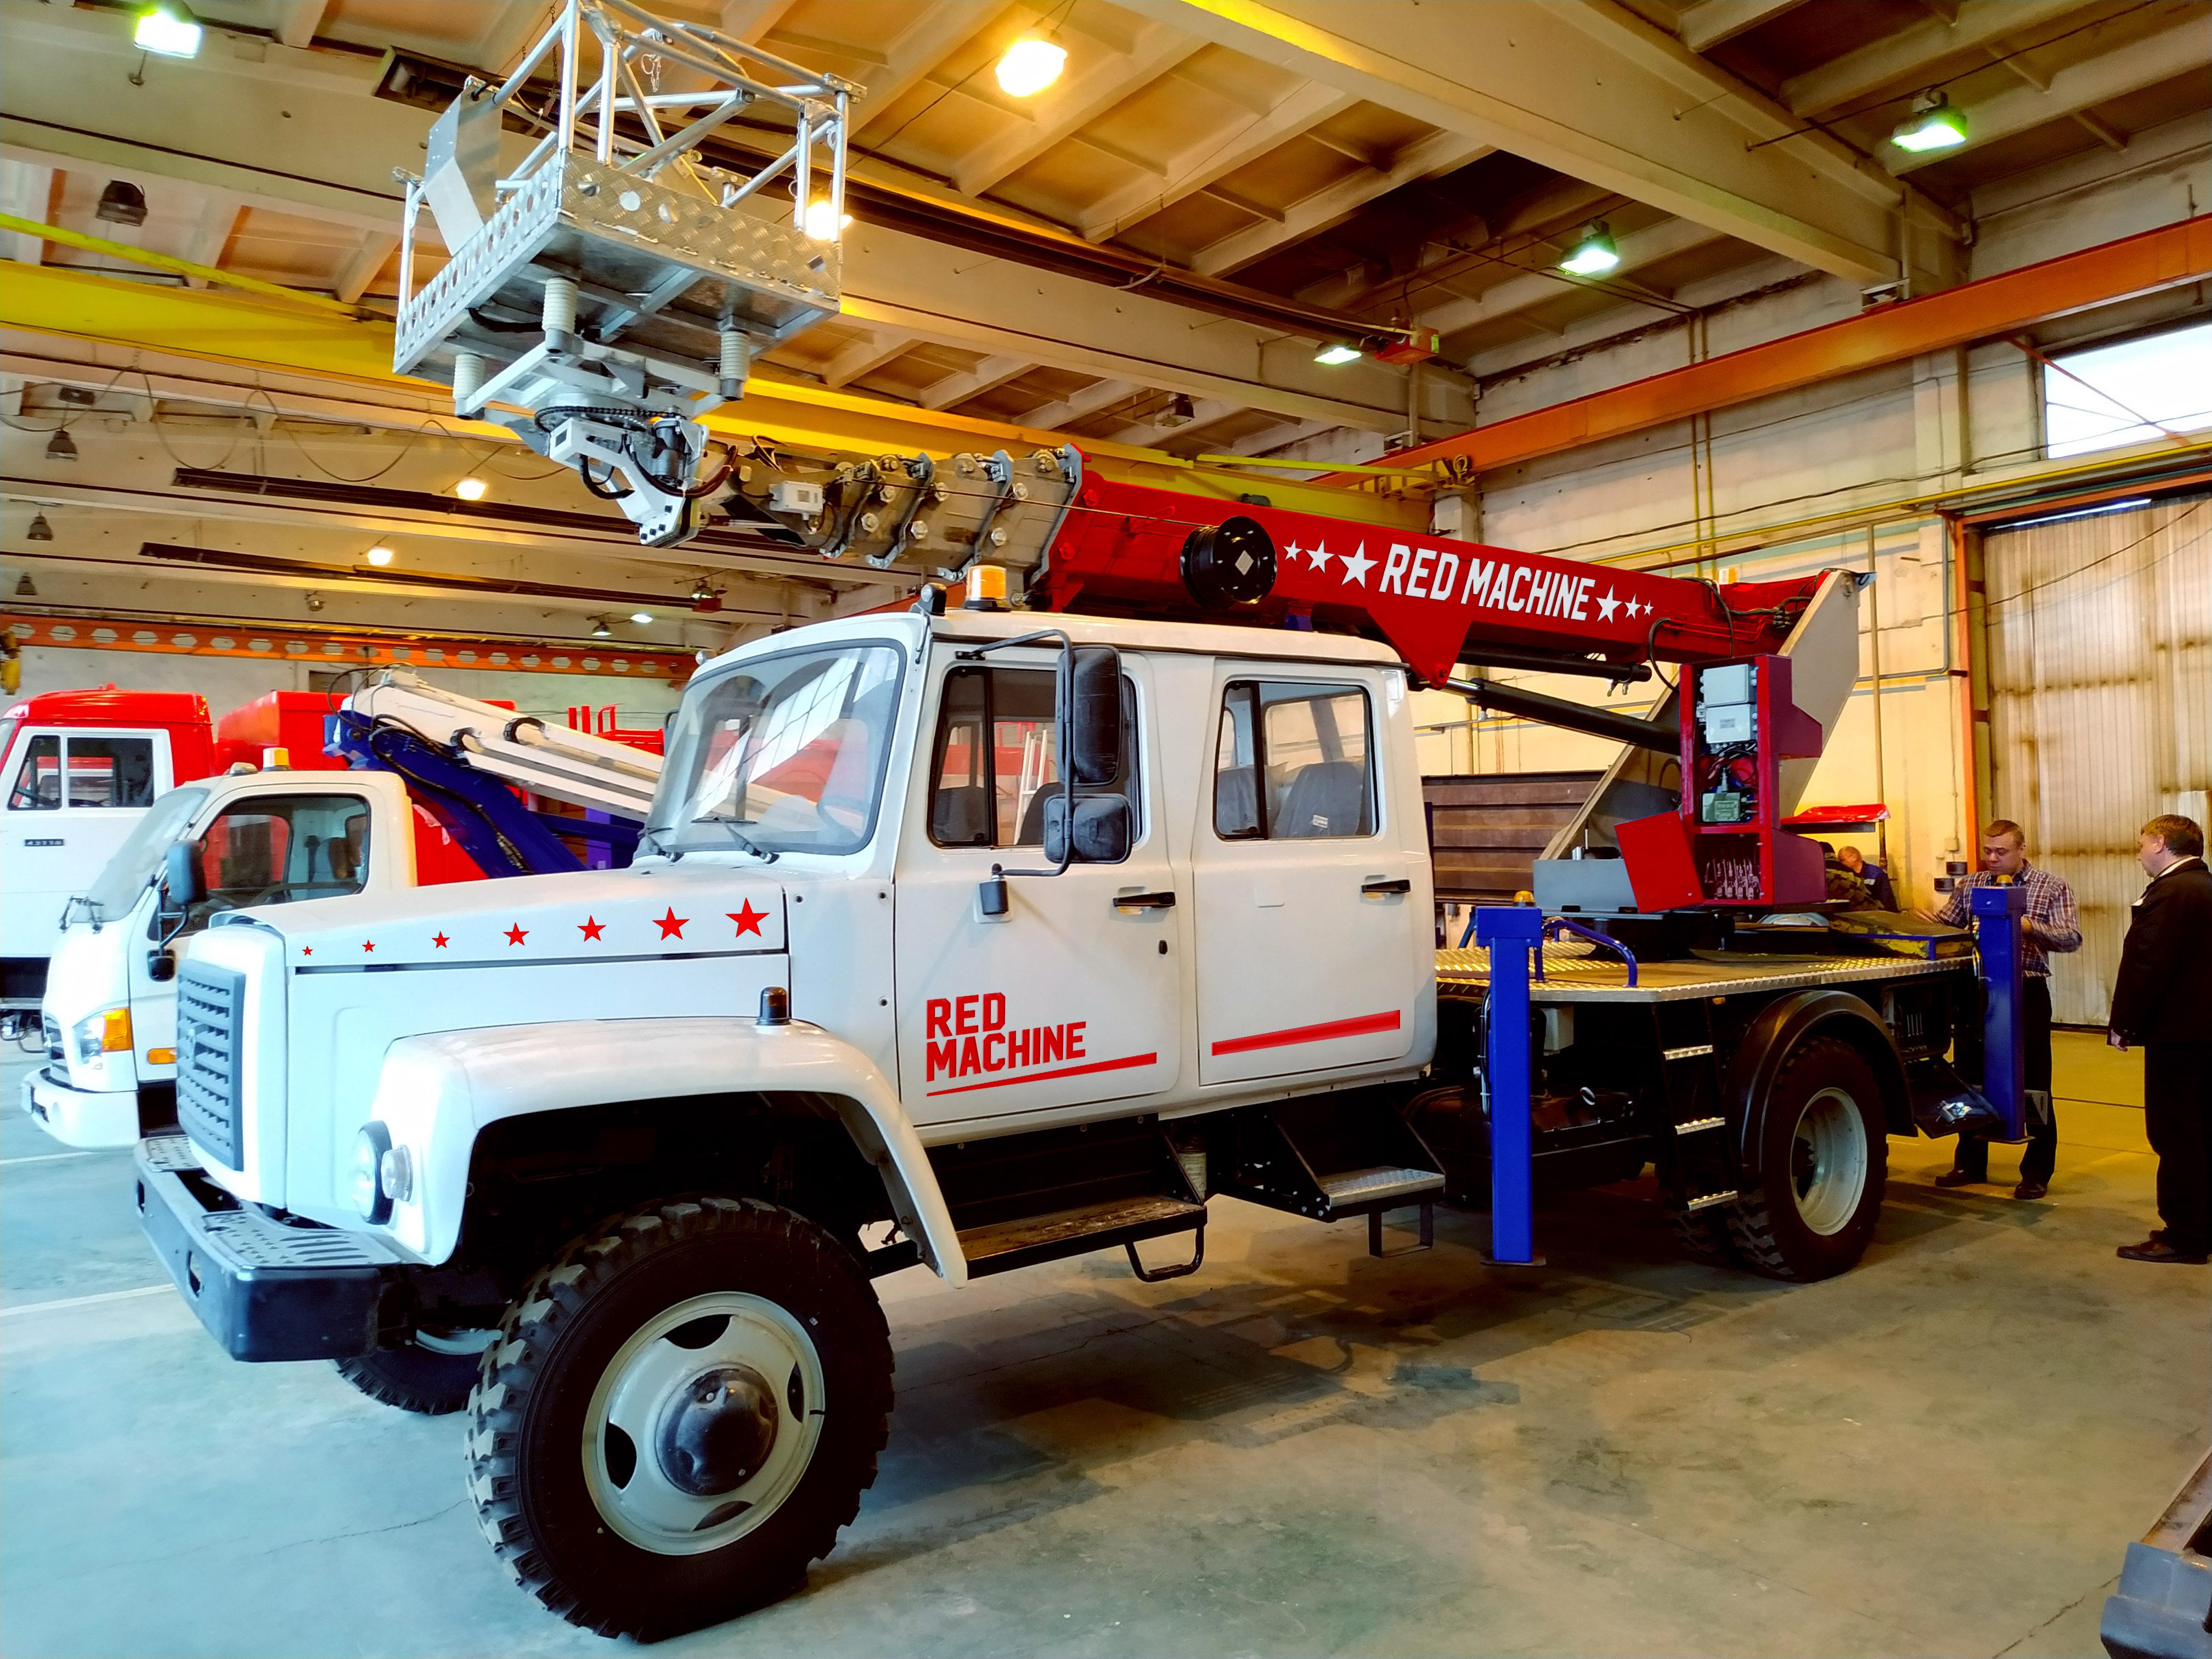 Оформление автогидроподъёмника,  бренд - RED MACHINE фото f_7125e17238a011c1.jpg